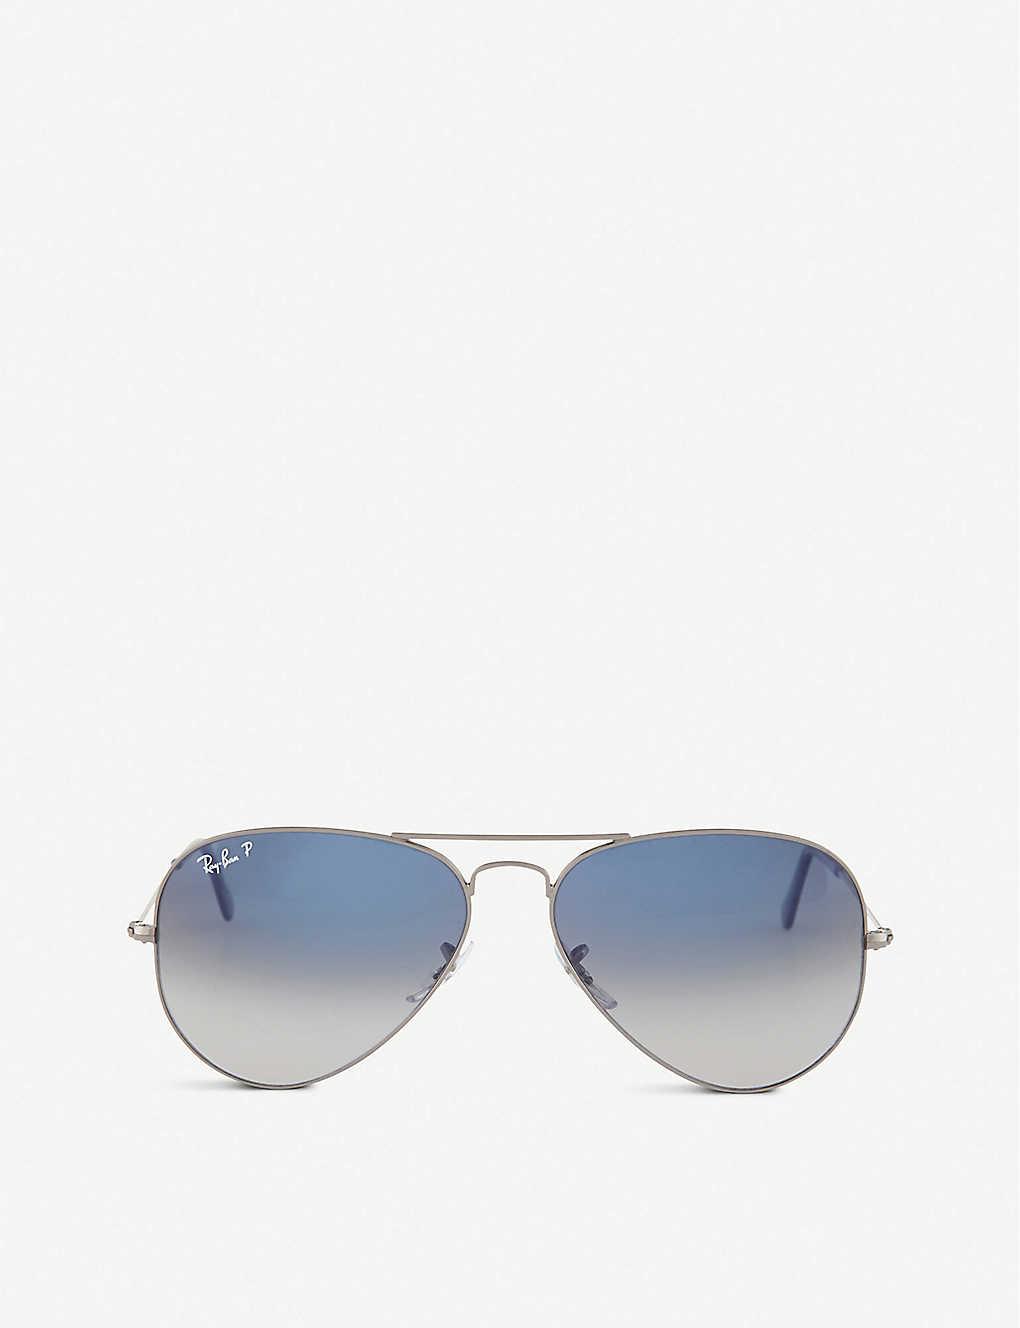 a04252e82d RAY-BAN Original aviator gunmetal-frame sunglasses with gradient blue  lenses RB3025 58